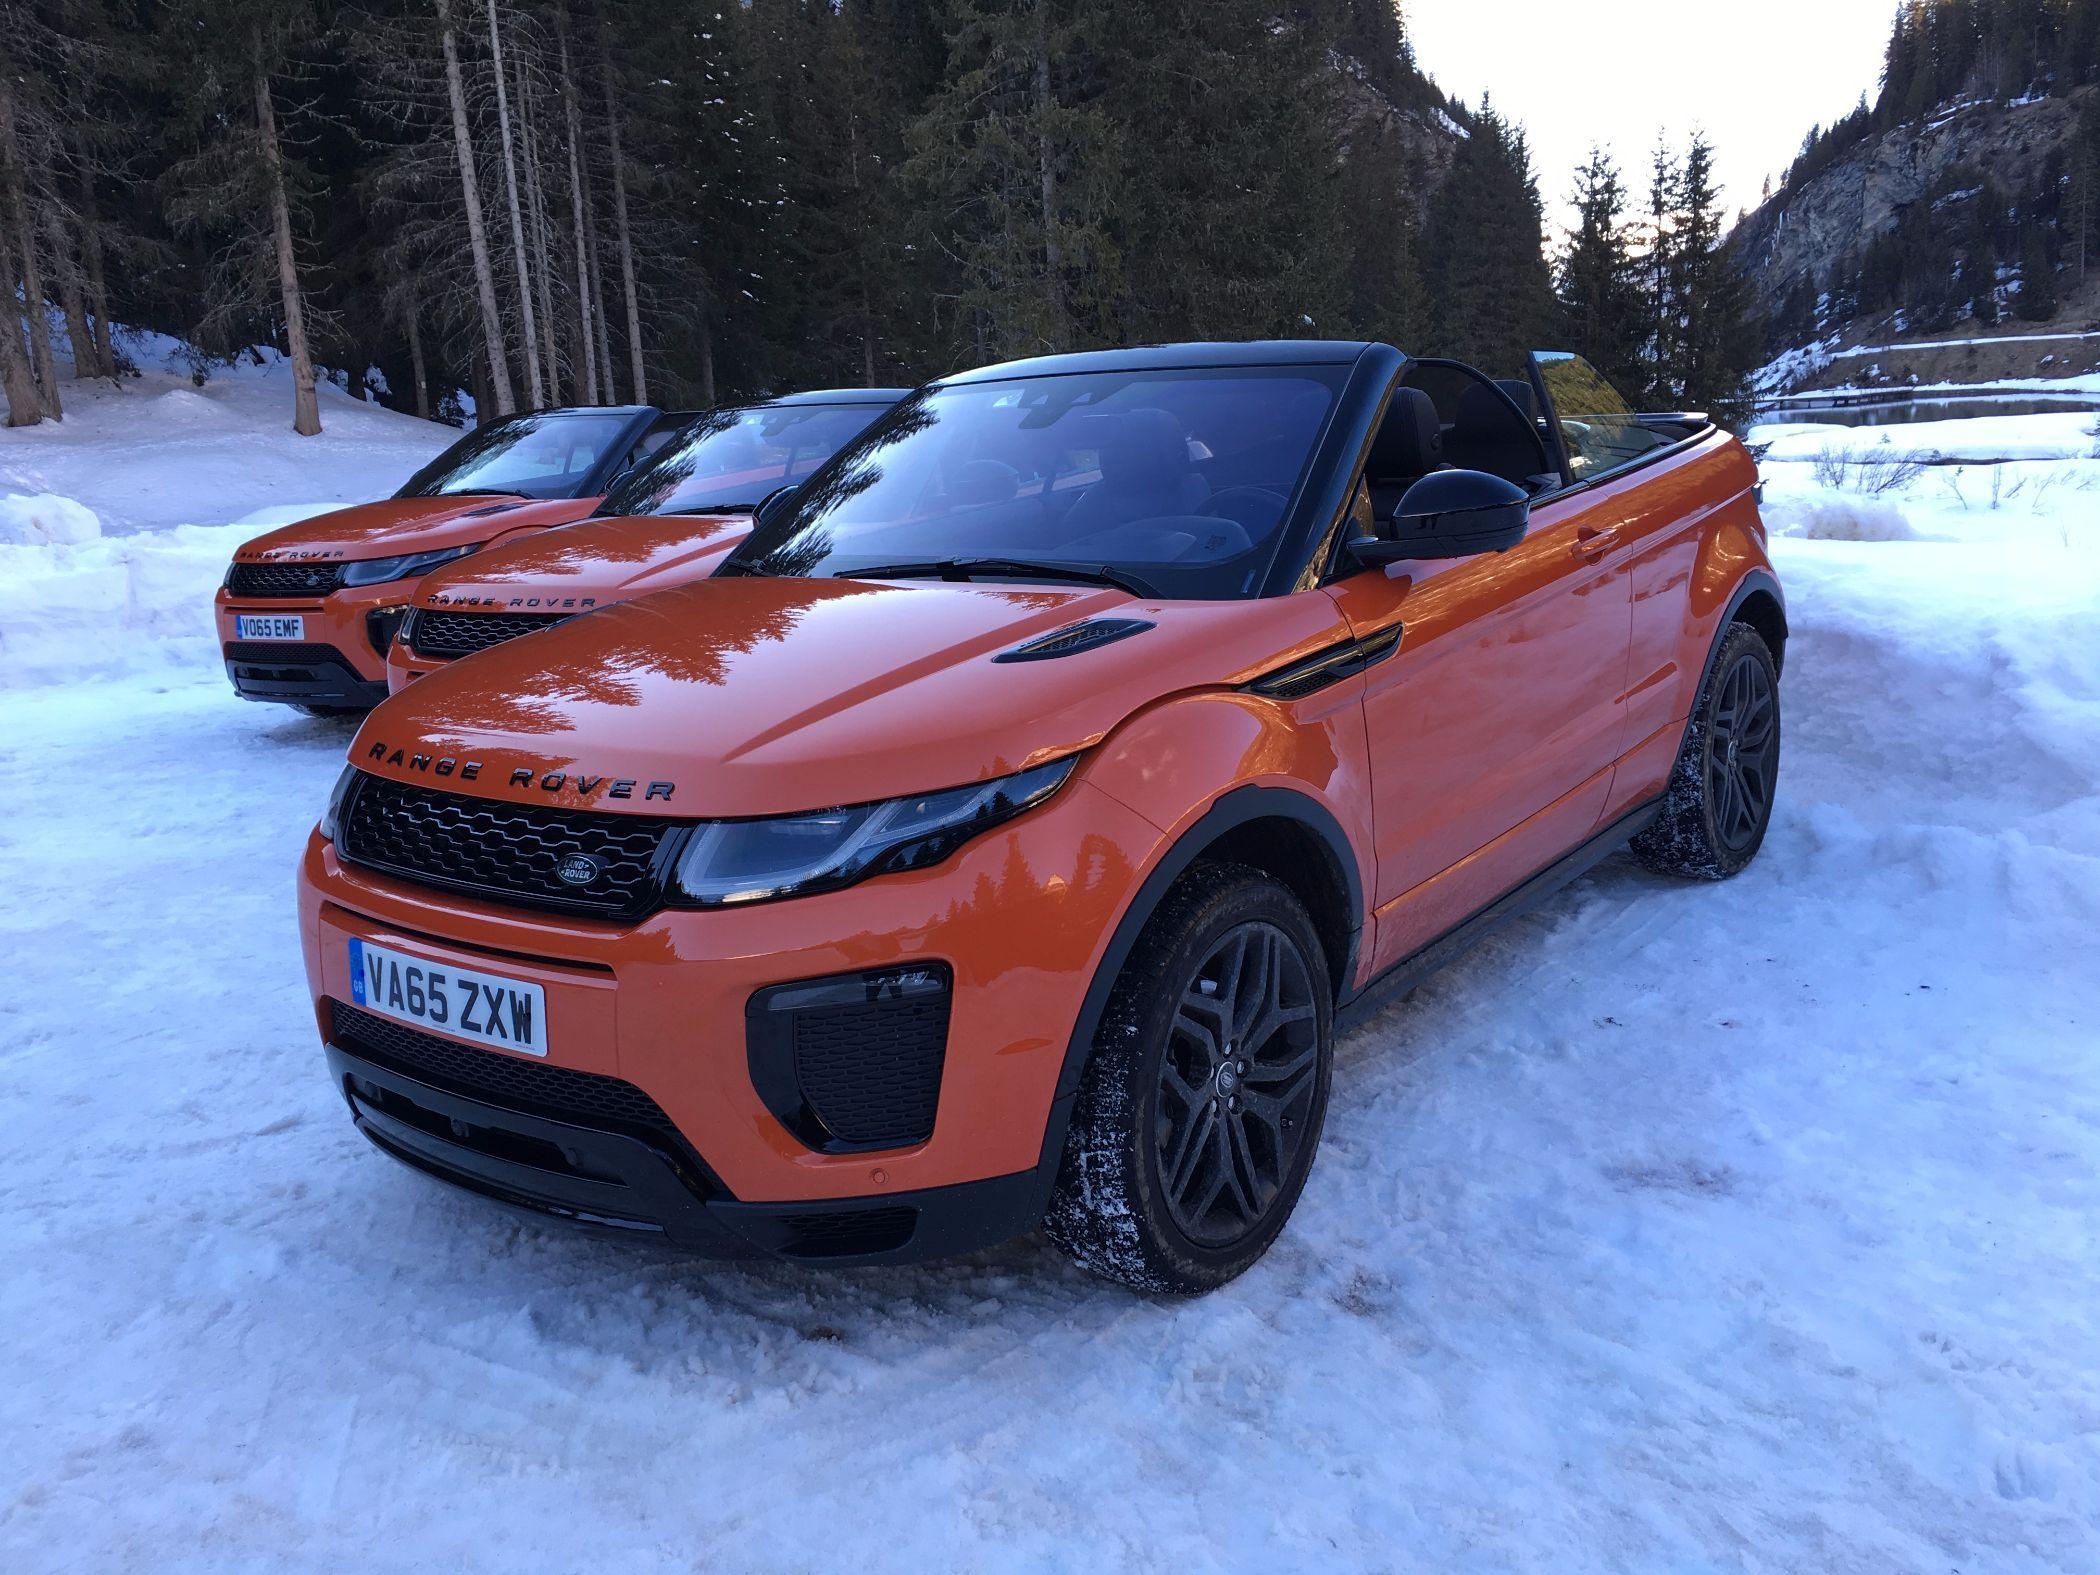 Range Rover Evoque Cabrios